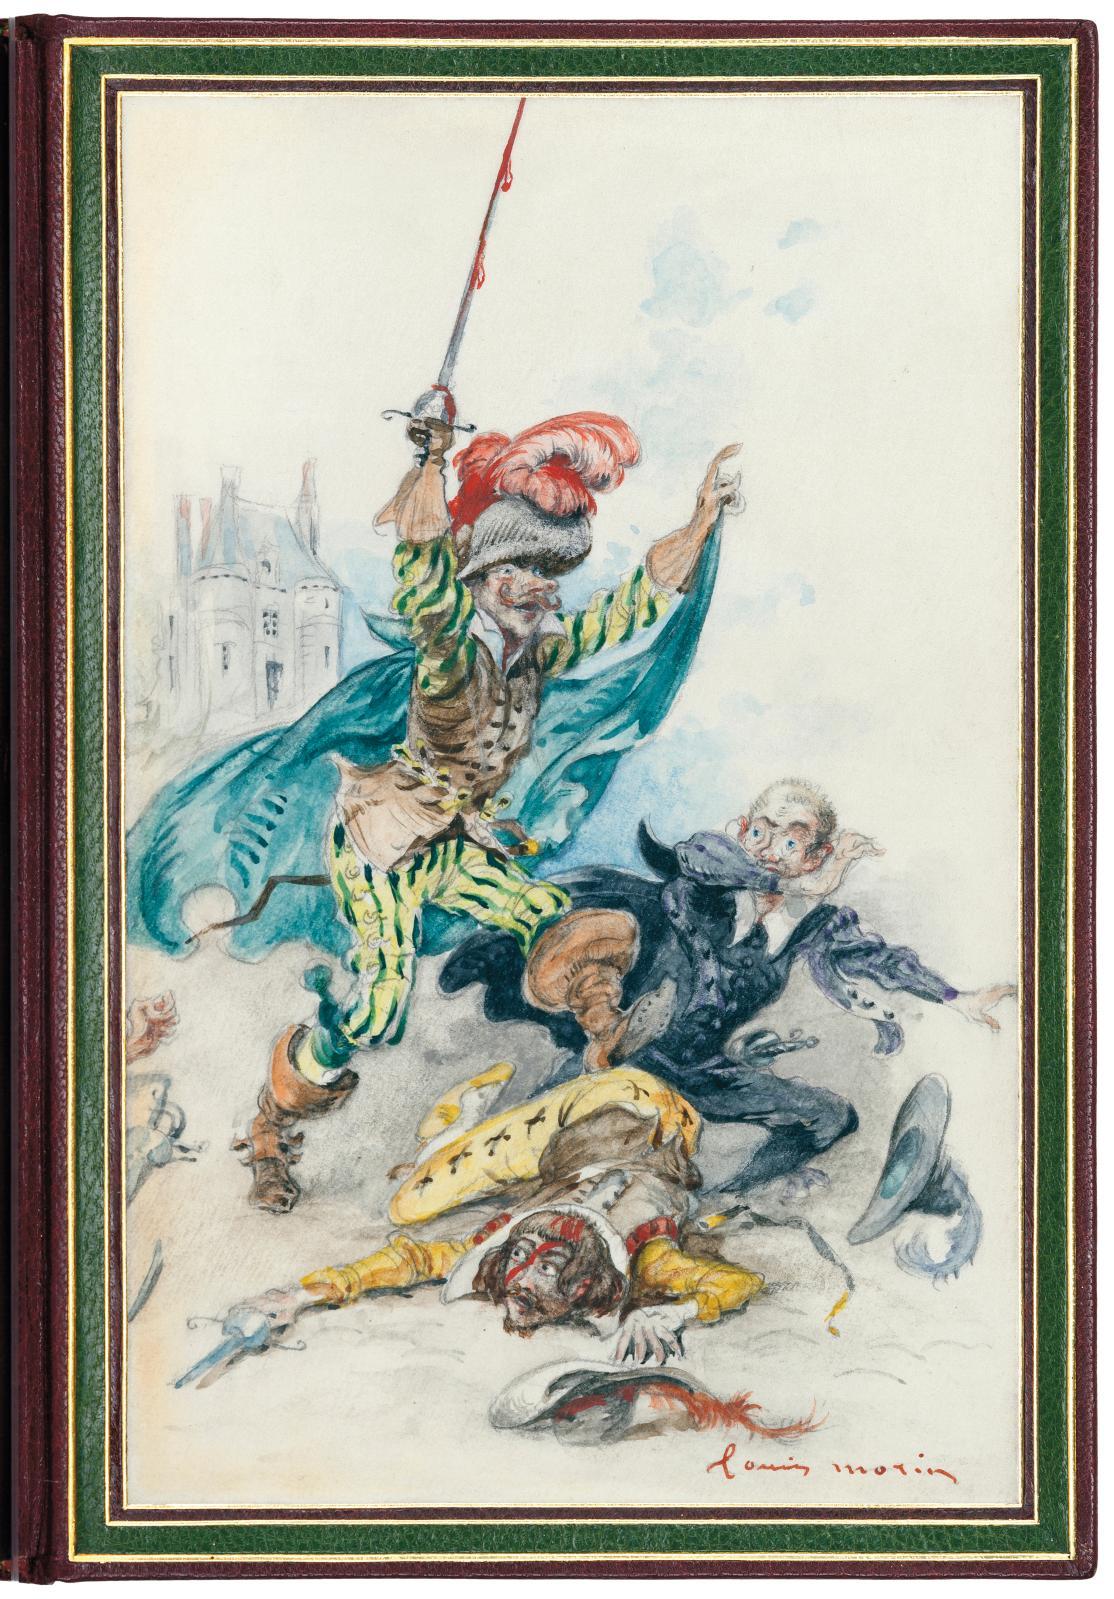 Edmond Rostand (1868-1918), Cyrano de Bergerac, comédie héroïque en cinq actes, en vers, Paris, librairie Charpentier et Fasquelle, 1898,